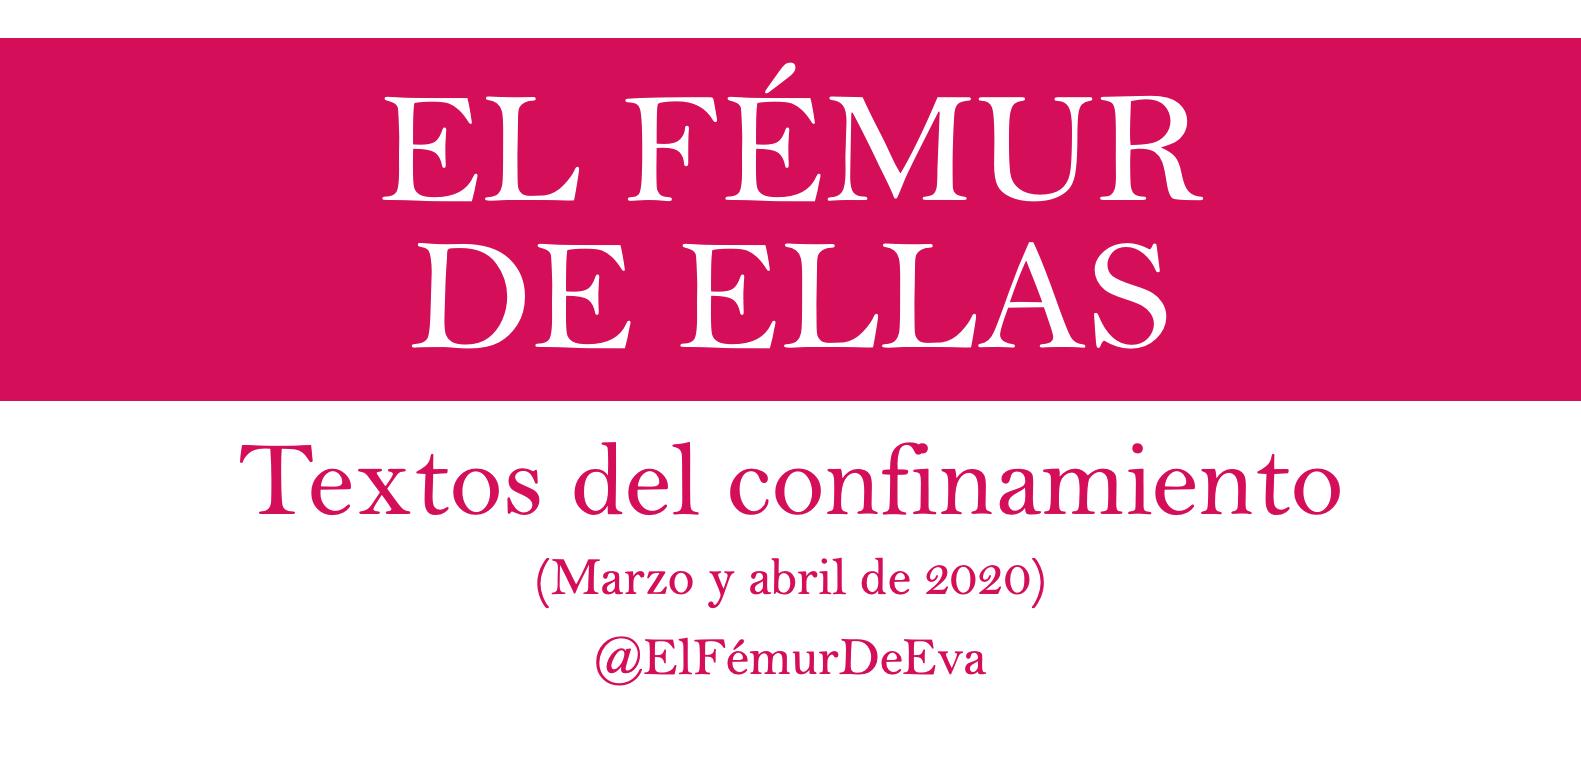 20200915 ElFemurEllas